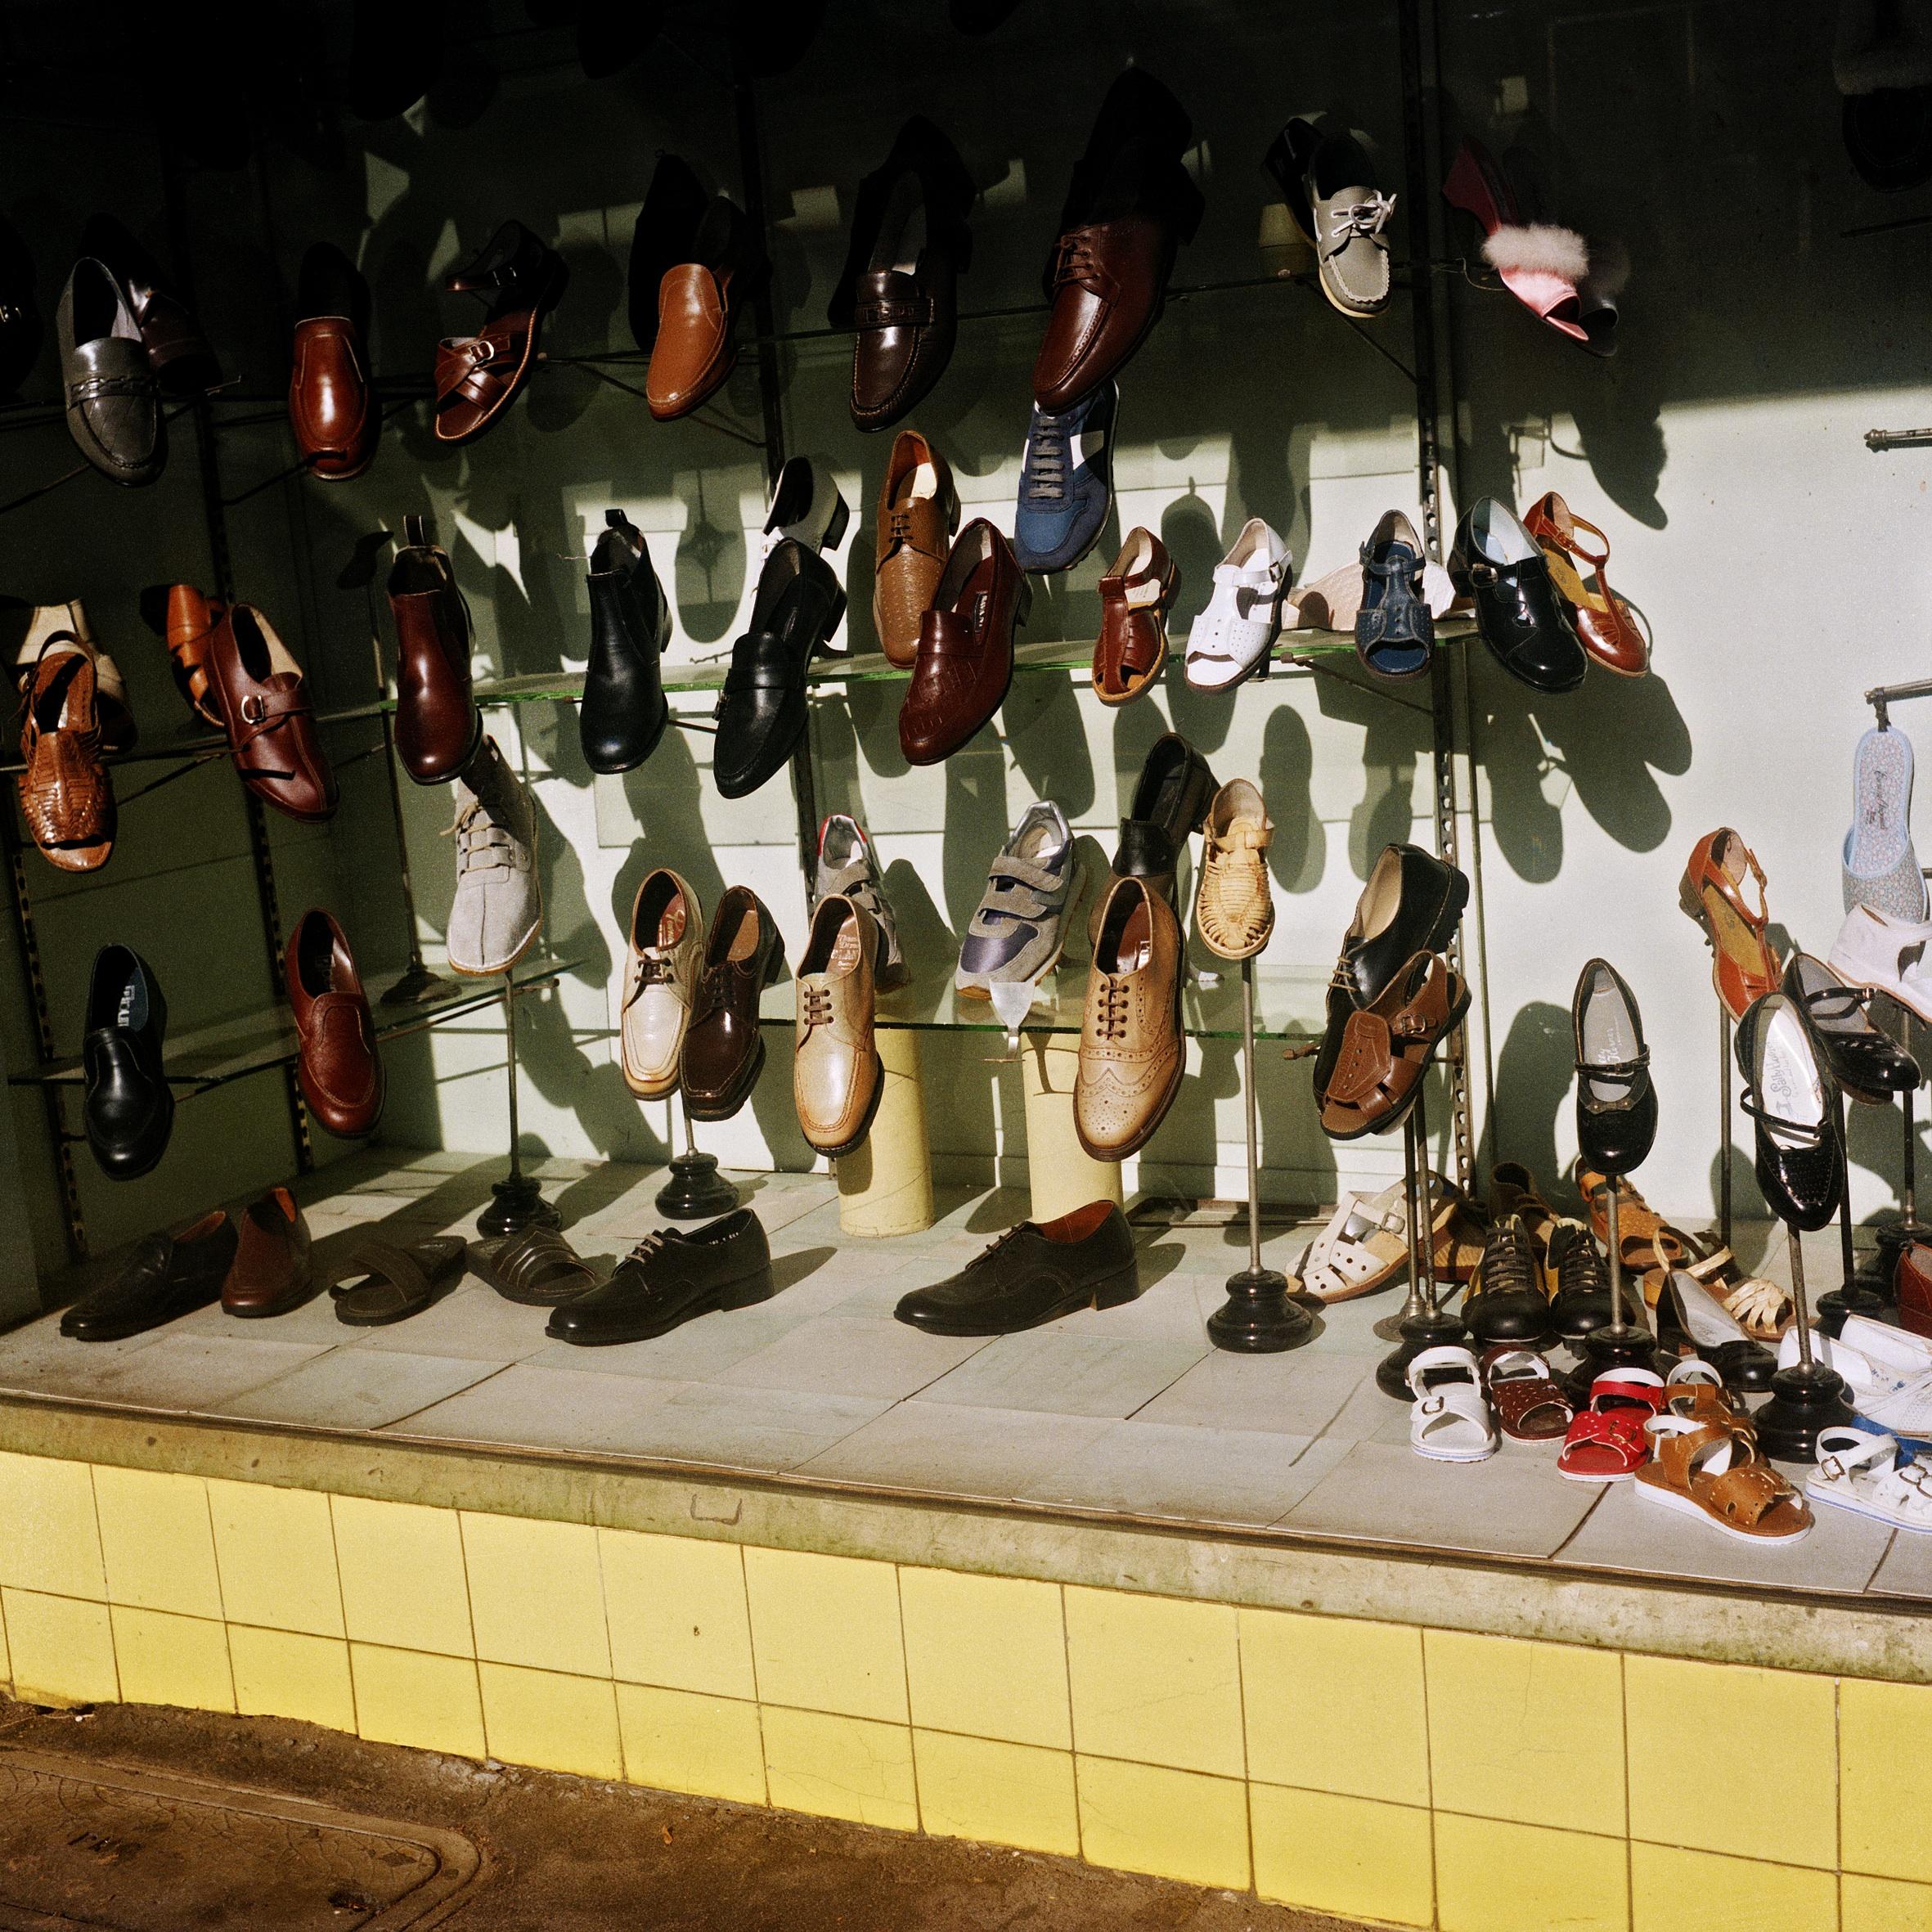 Shoes (1998)